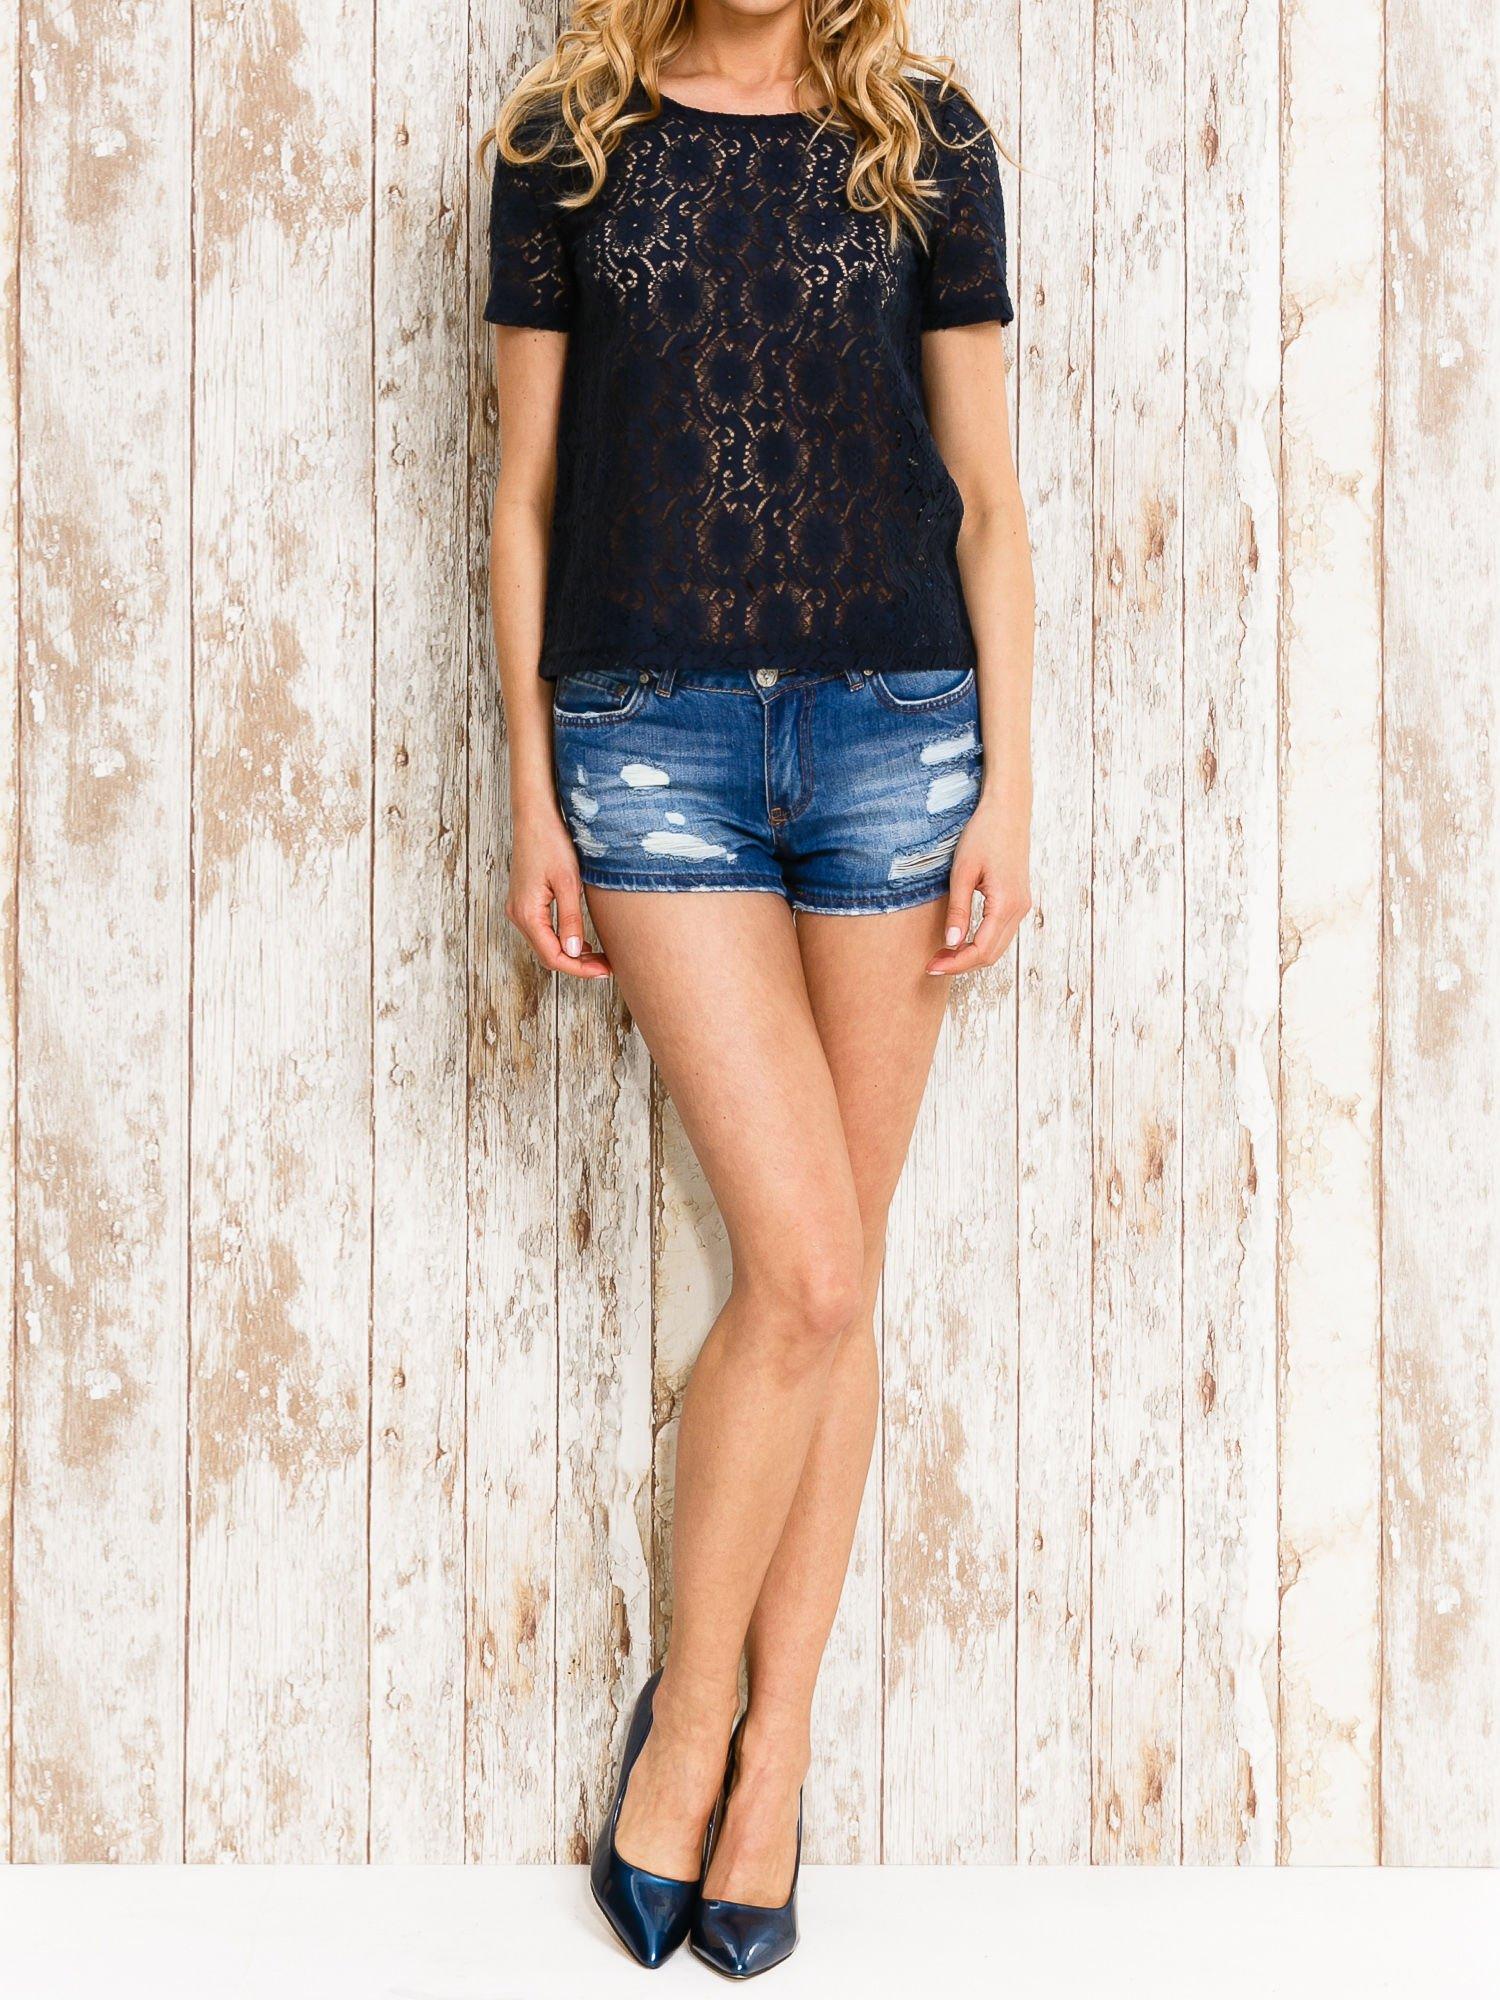 VERO MODA Granatowy ażurowy t-shirt                                  zdj.                                  2